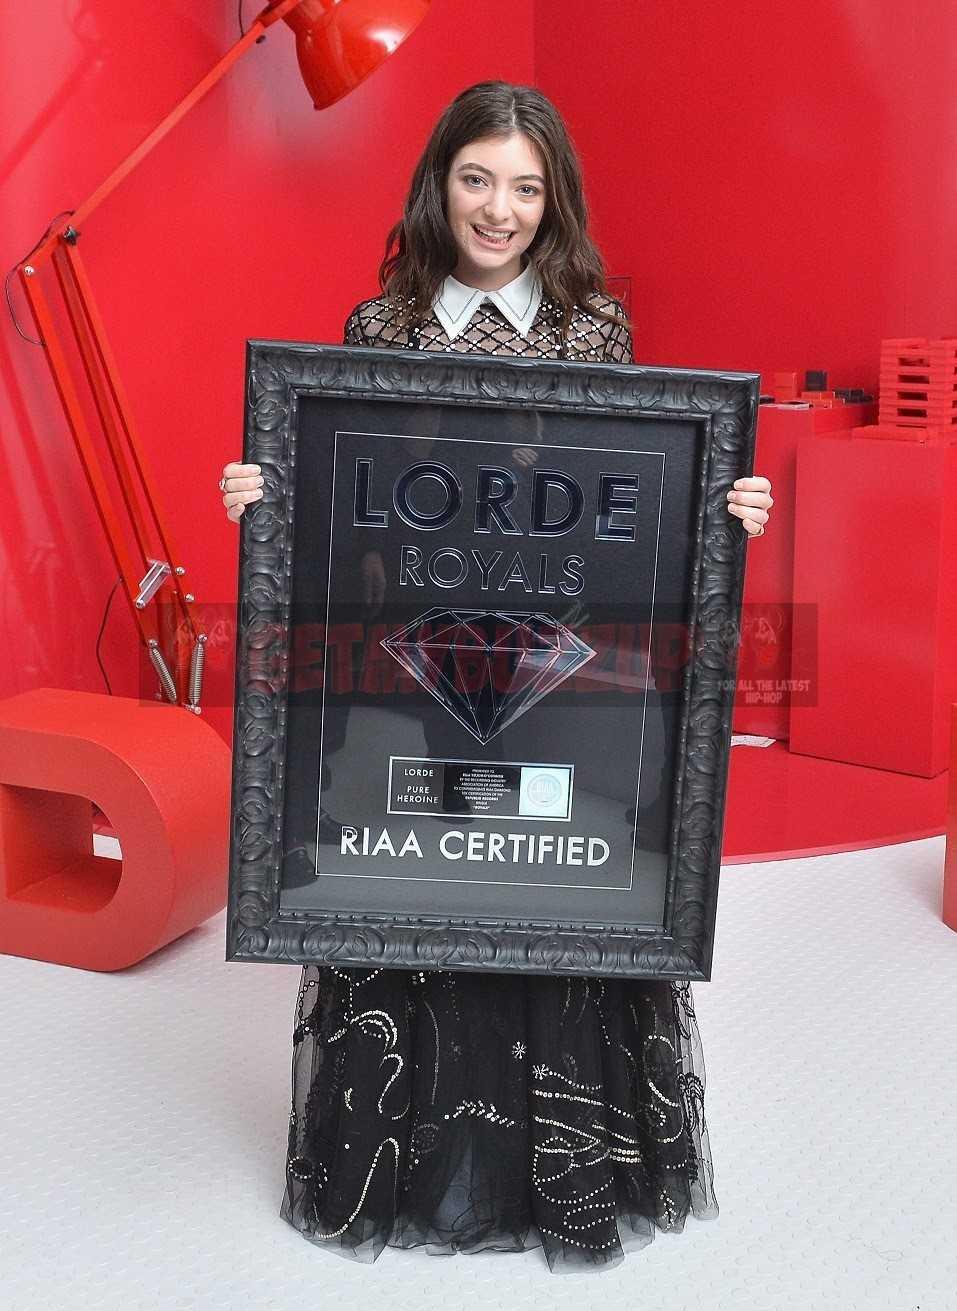 LORDE'S ROYALS RECIEVES RIAA DIAMOND CERTIFICATION